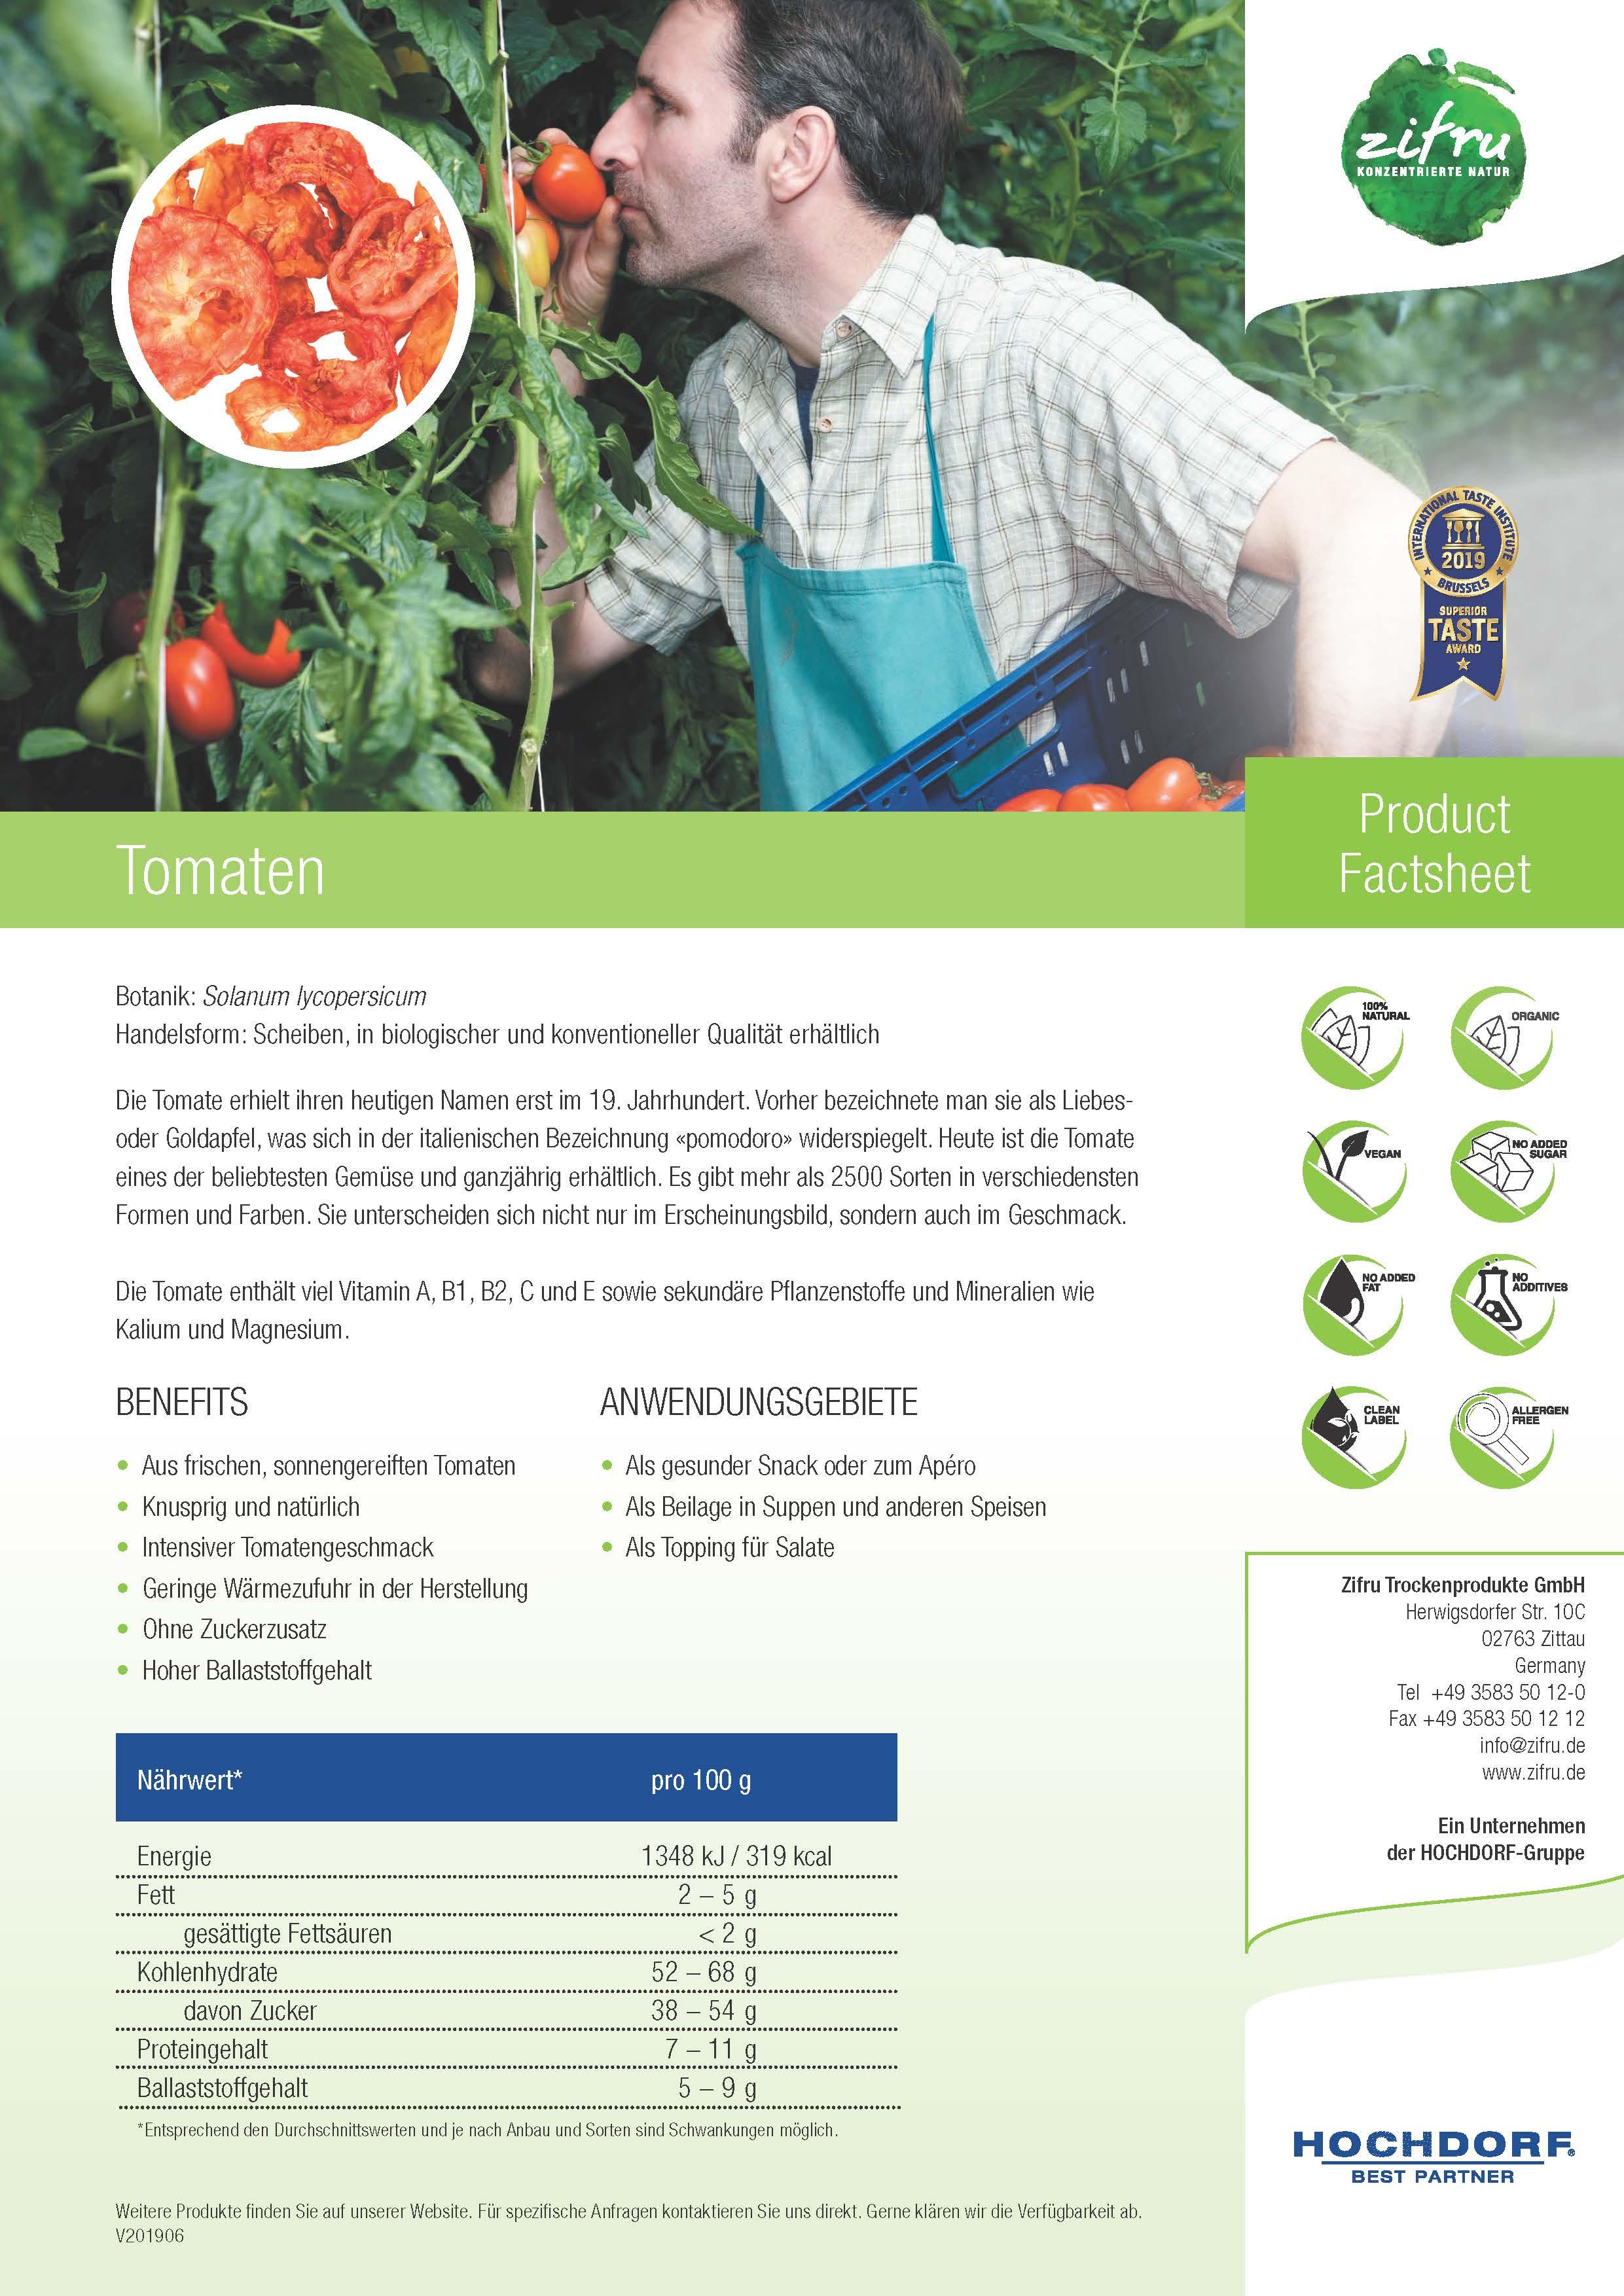 Product Factsheet getrocknete Tomaten von HOCHDORF